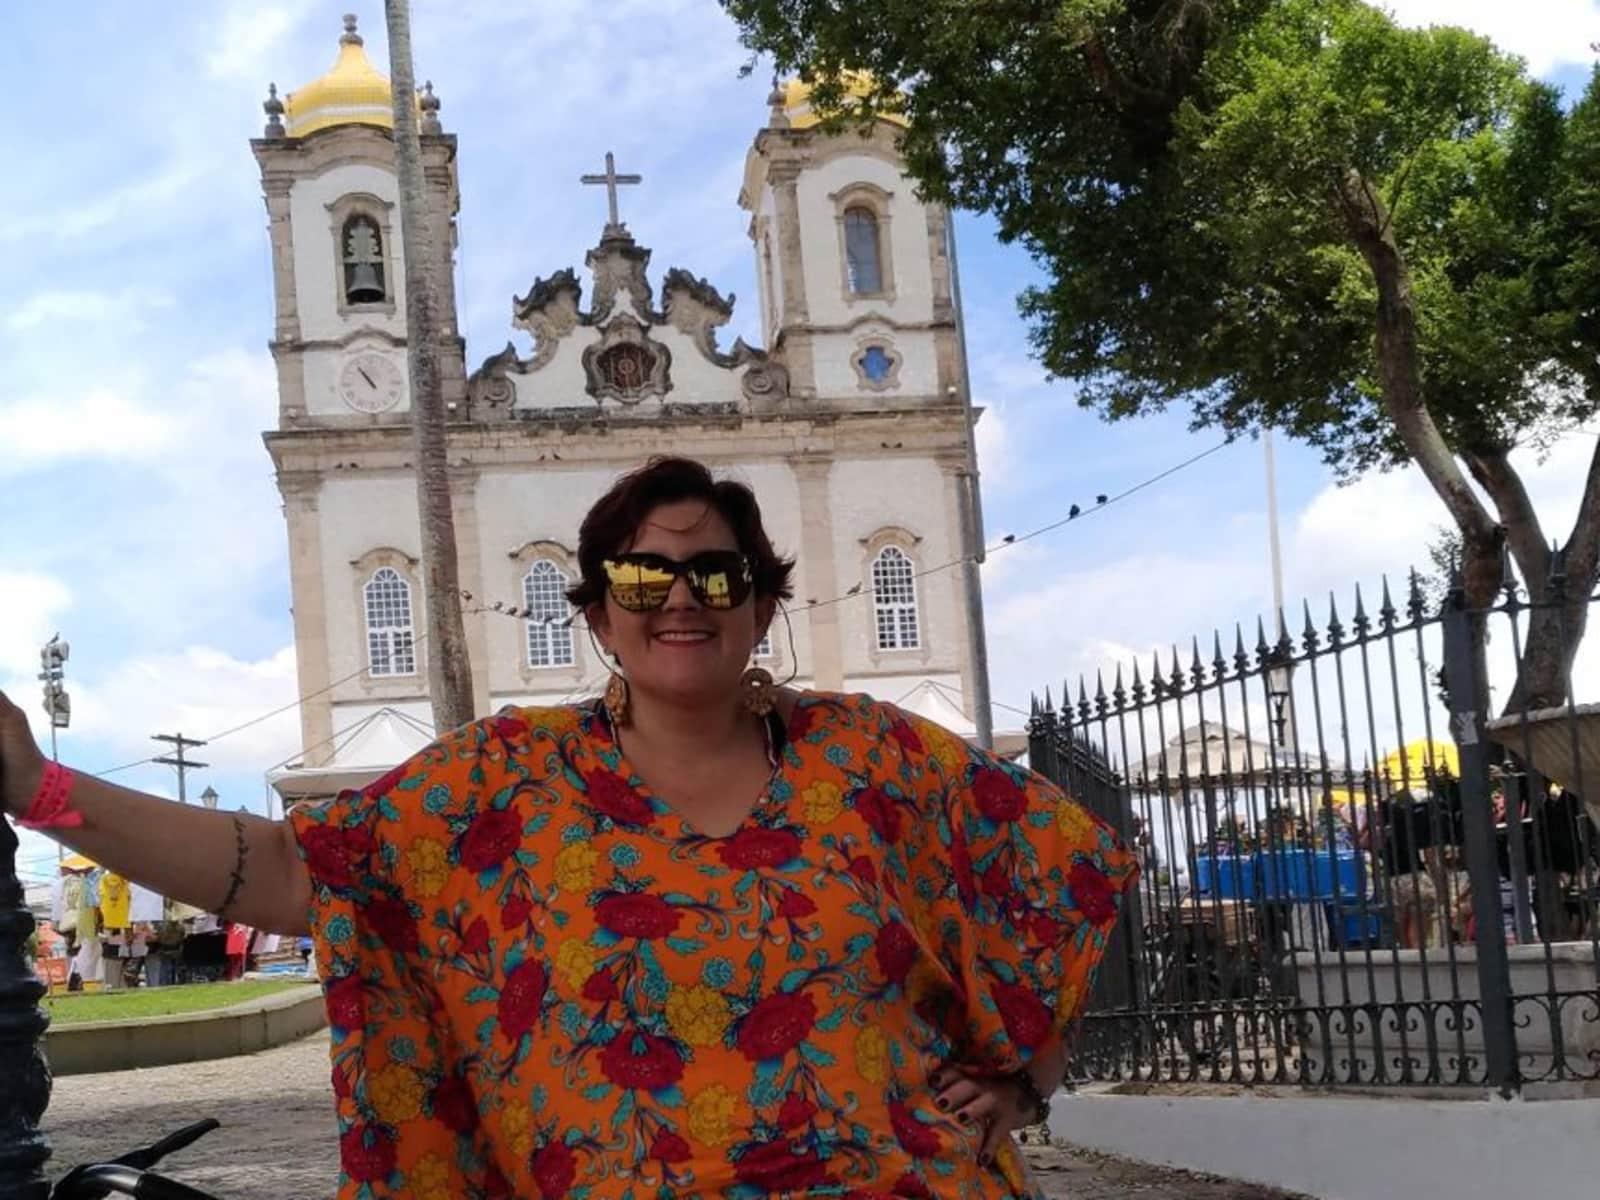 Viviane from São Paulo, Brazil